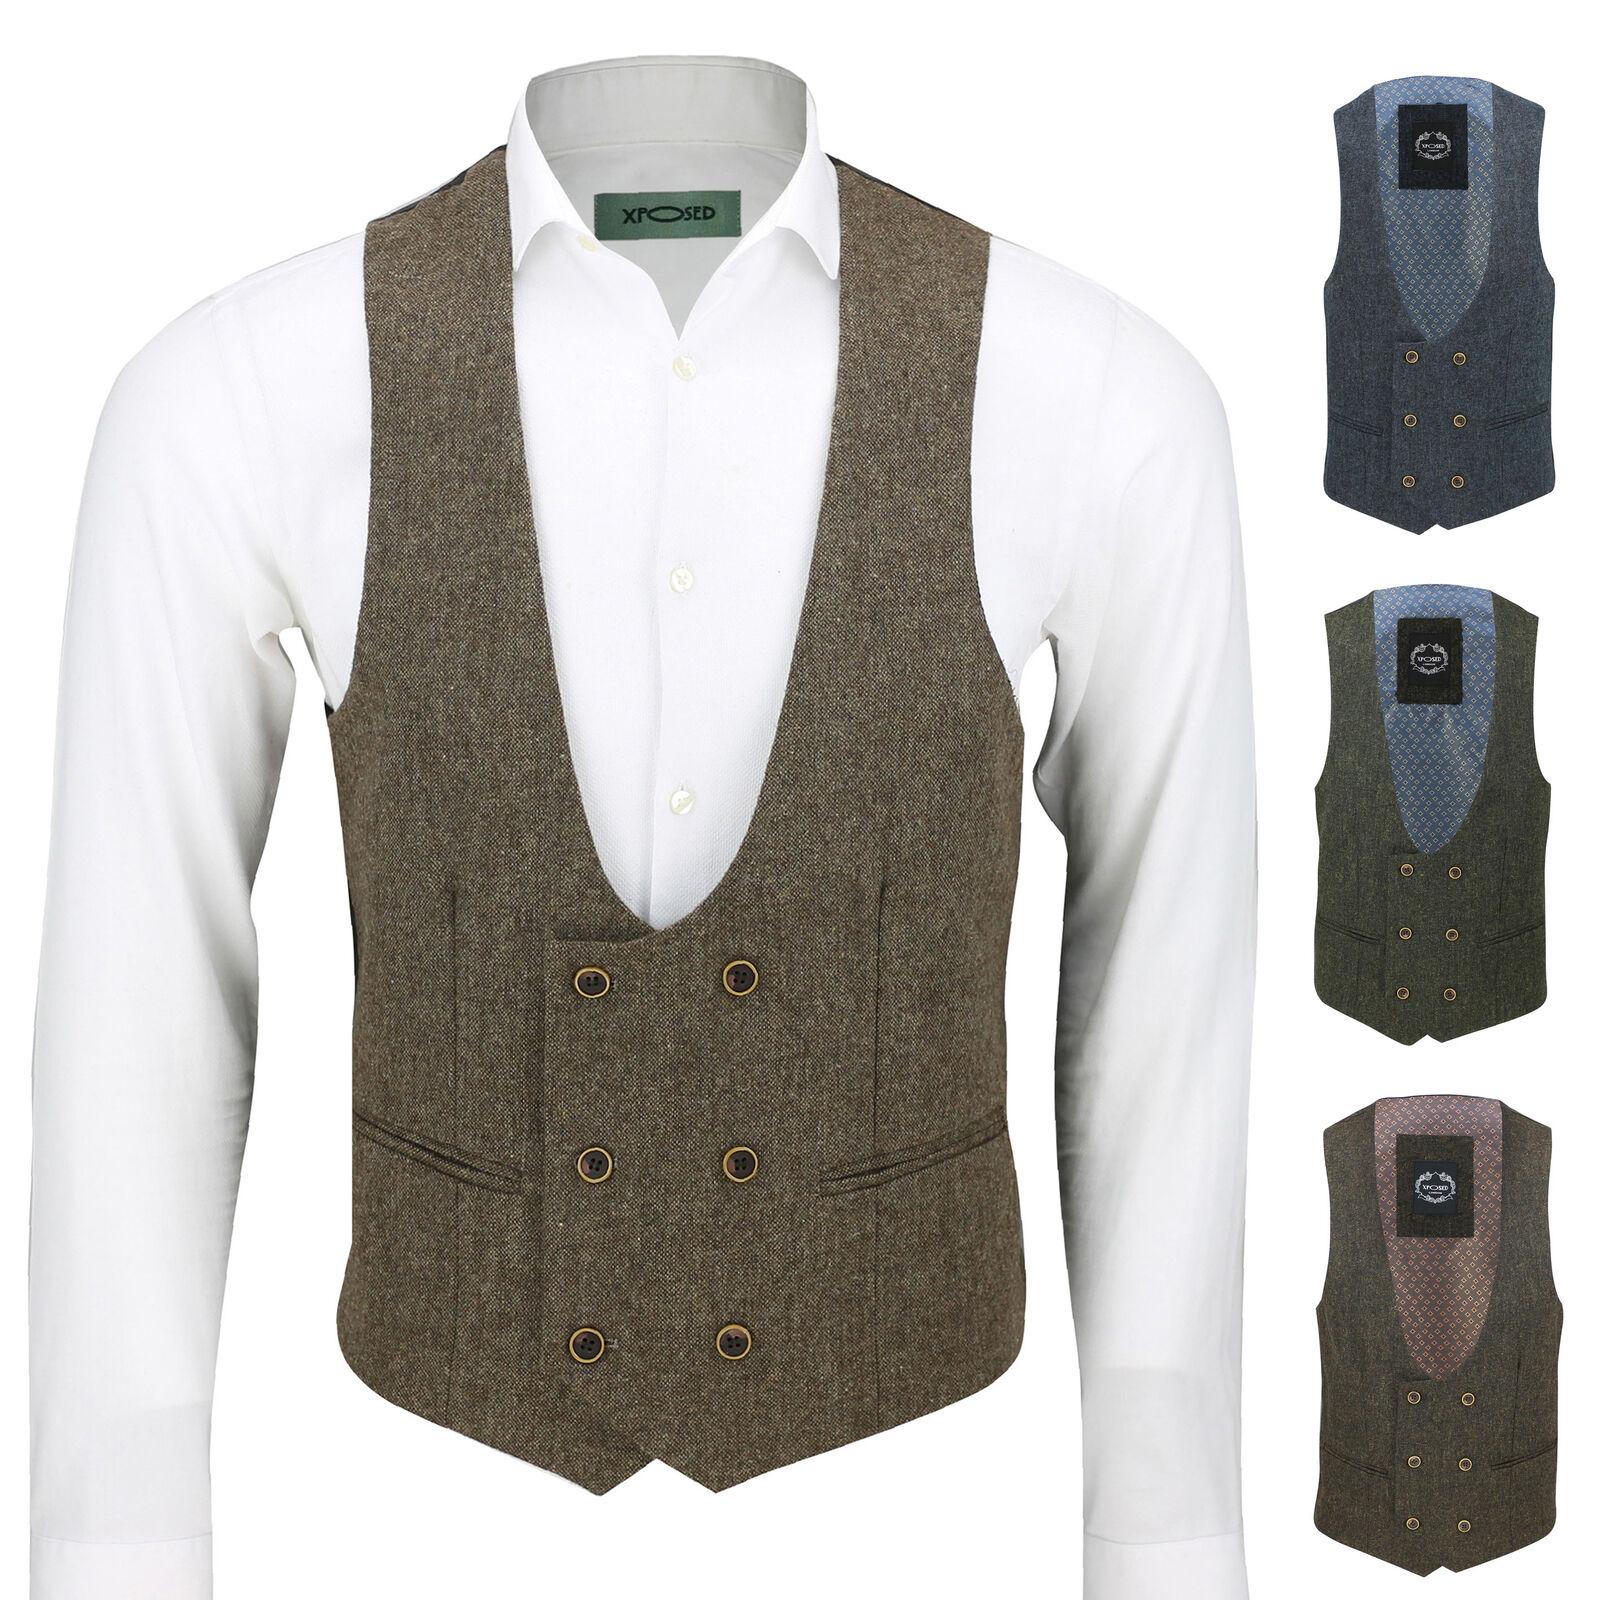 Mens Vintage Tweed Double Breasted Low U Cut Suit Waistcoat Retro Slim Fit Vest